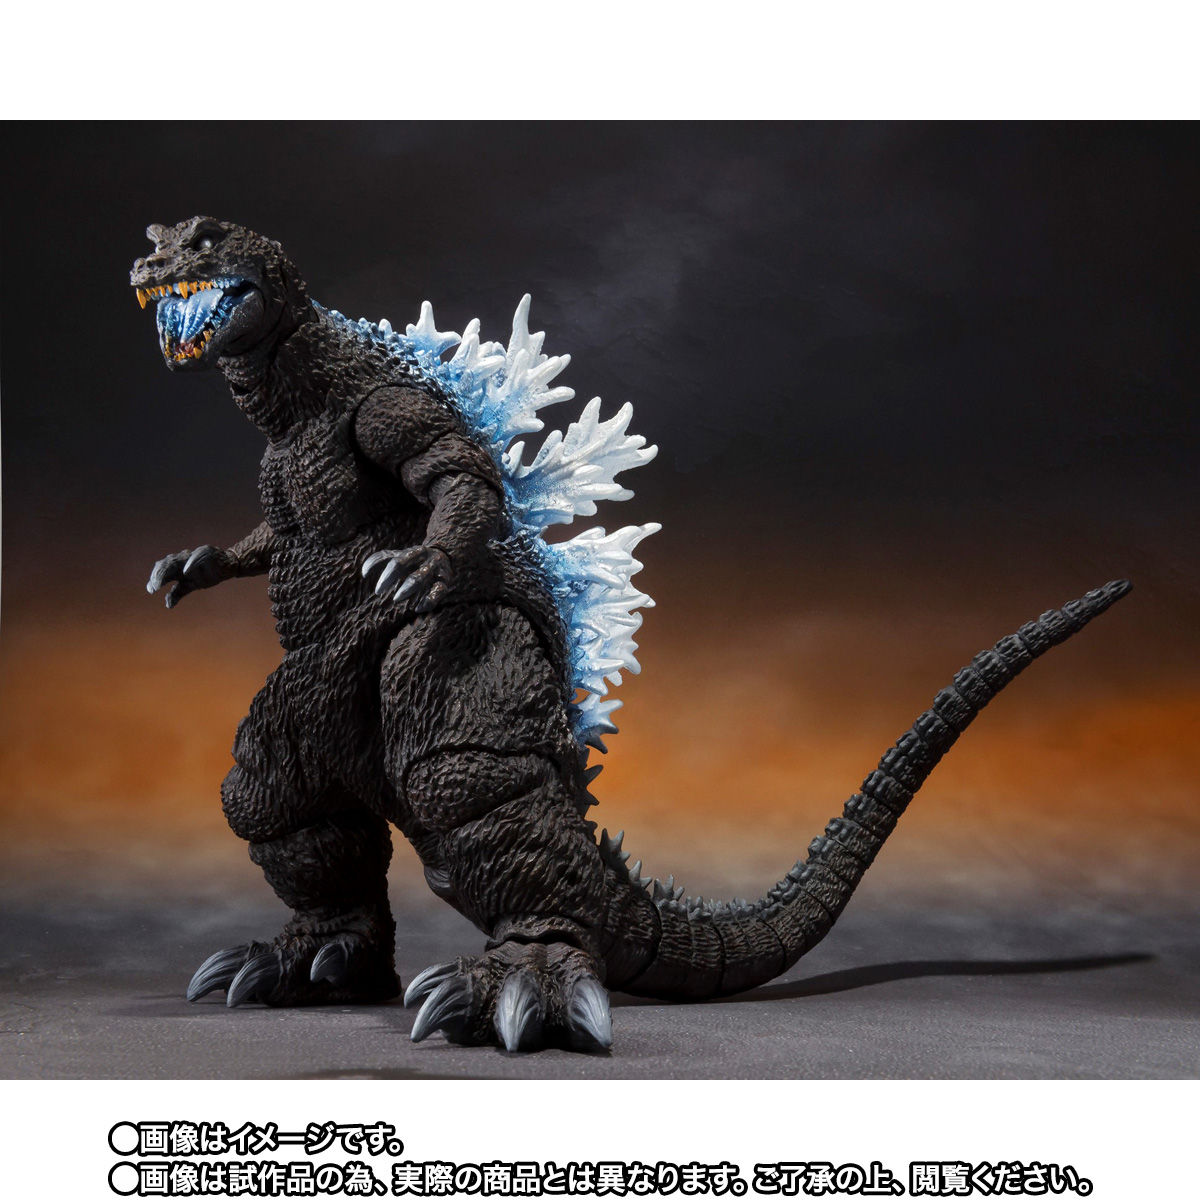 【限定販売】S.H.MonsterArts『ゴジラ(2001)放射熱線Ver.』大怪獣総攻撃 可動フィギュア-004